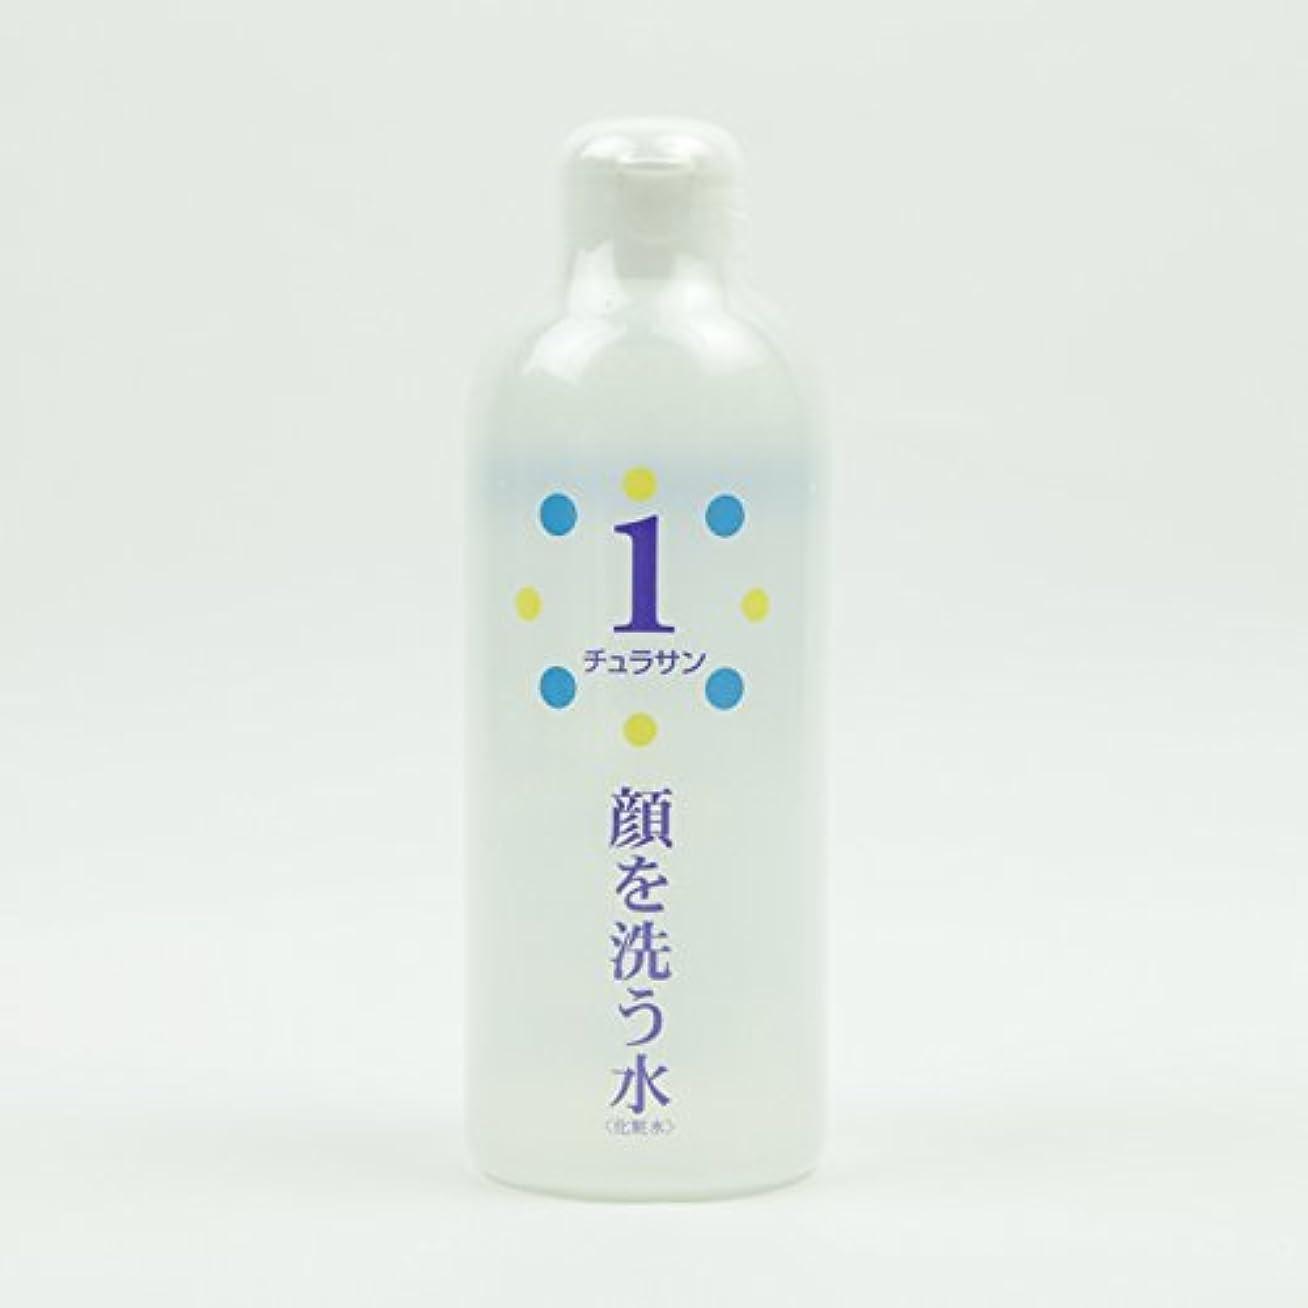 ブランド回想発信チュラサン1 【顔を洗う水】 250ml